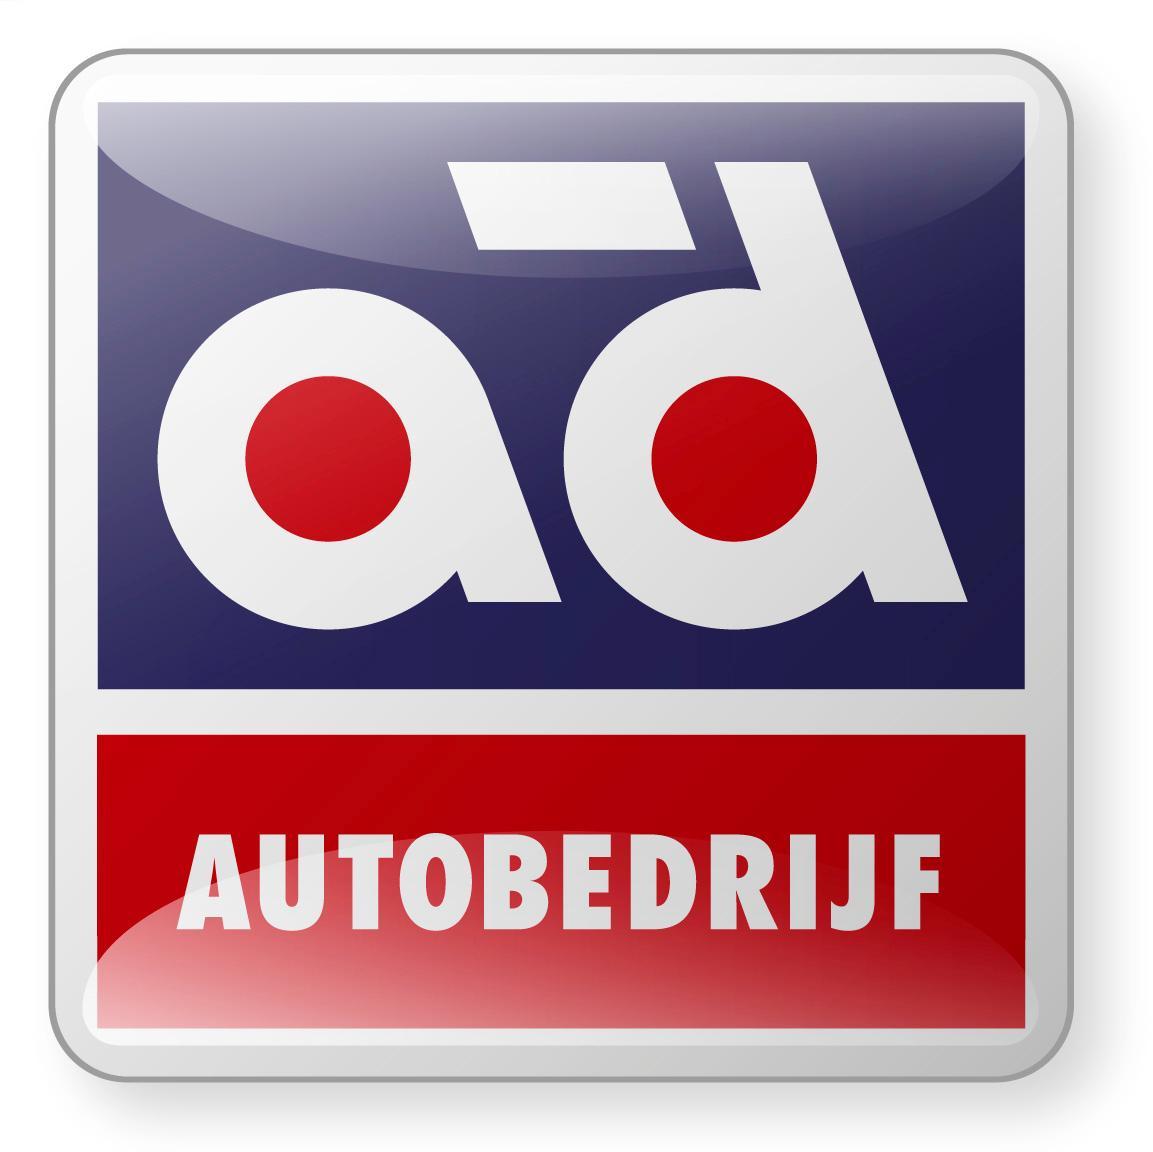 Aircoservice van ad autobedrijf voorkomt haperend for Autobedrijf avan